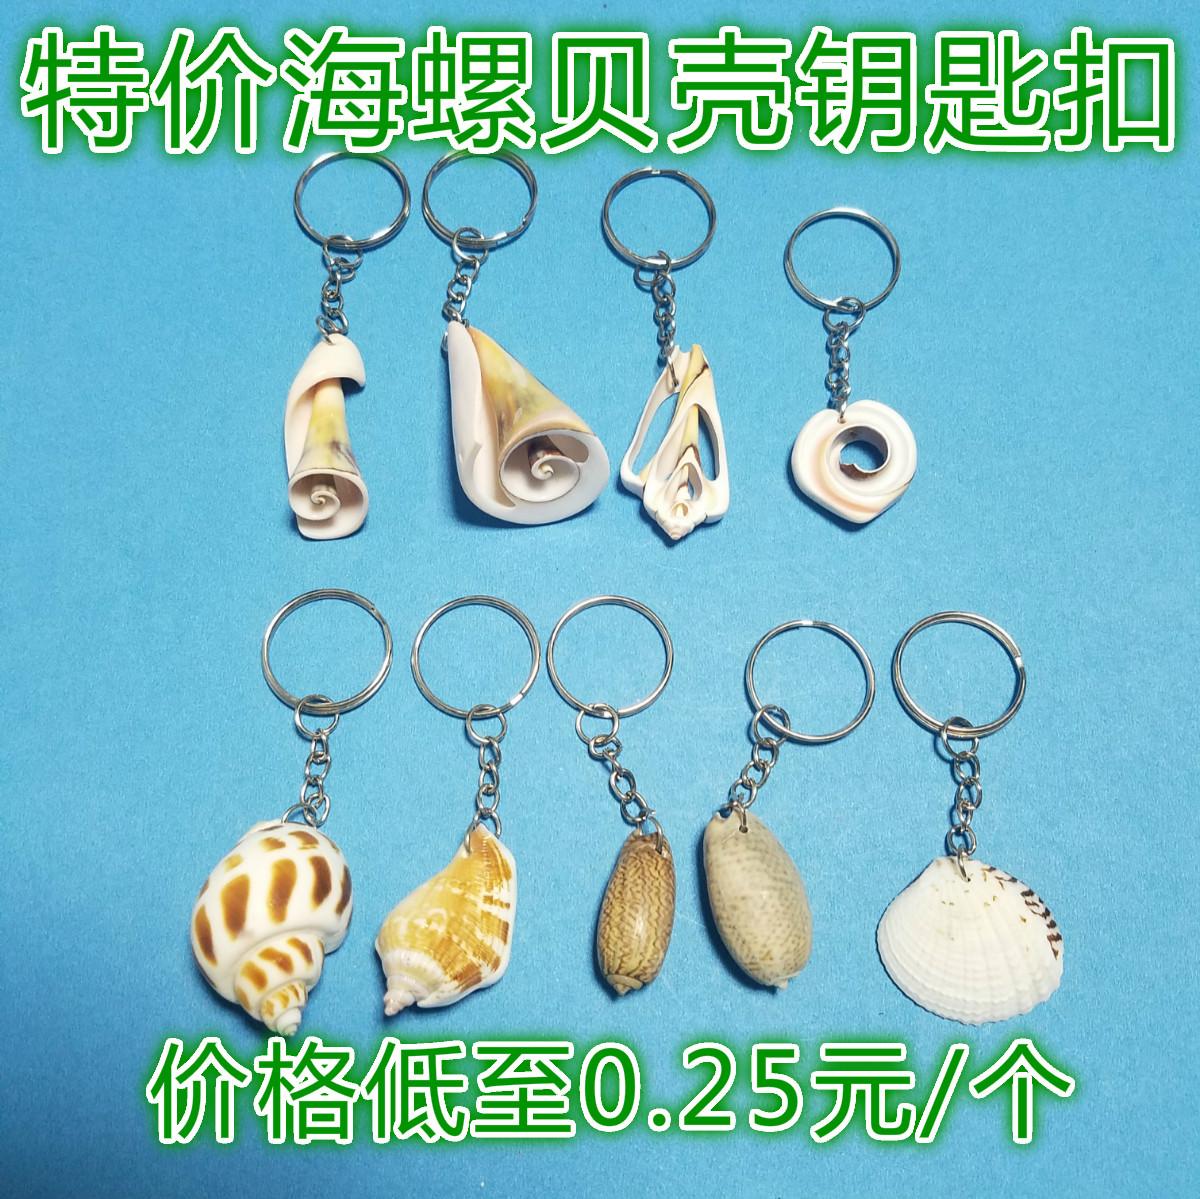 满35包邮厂家直销天然海螺贝壳钥匙扣小挂件礼品地摊货源热卖